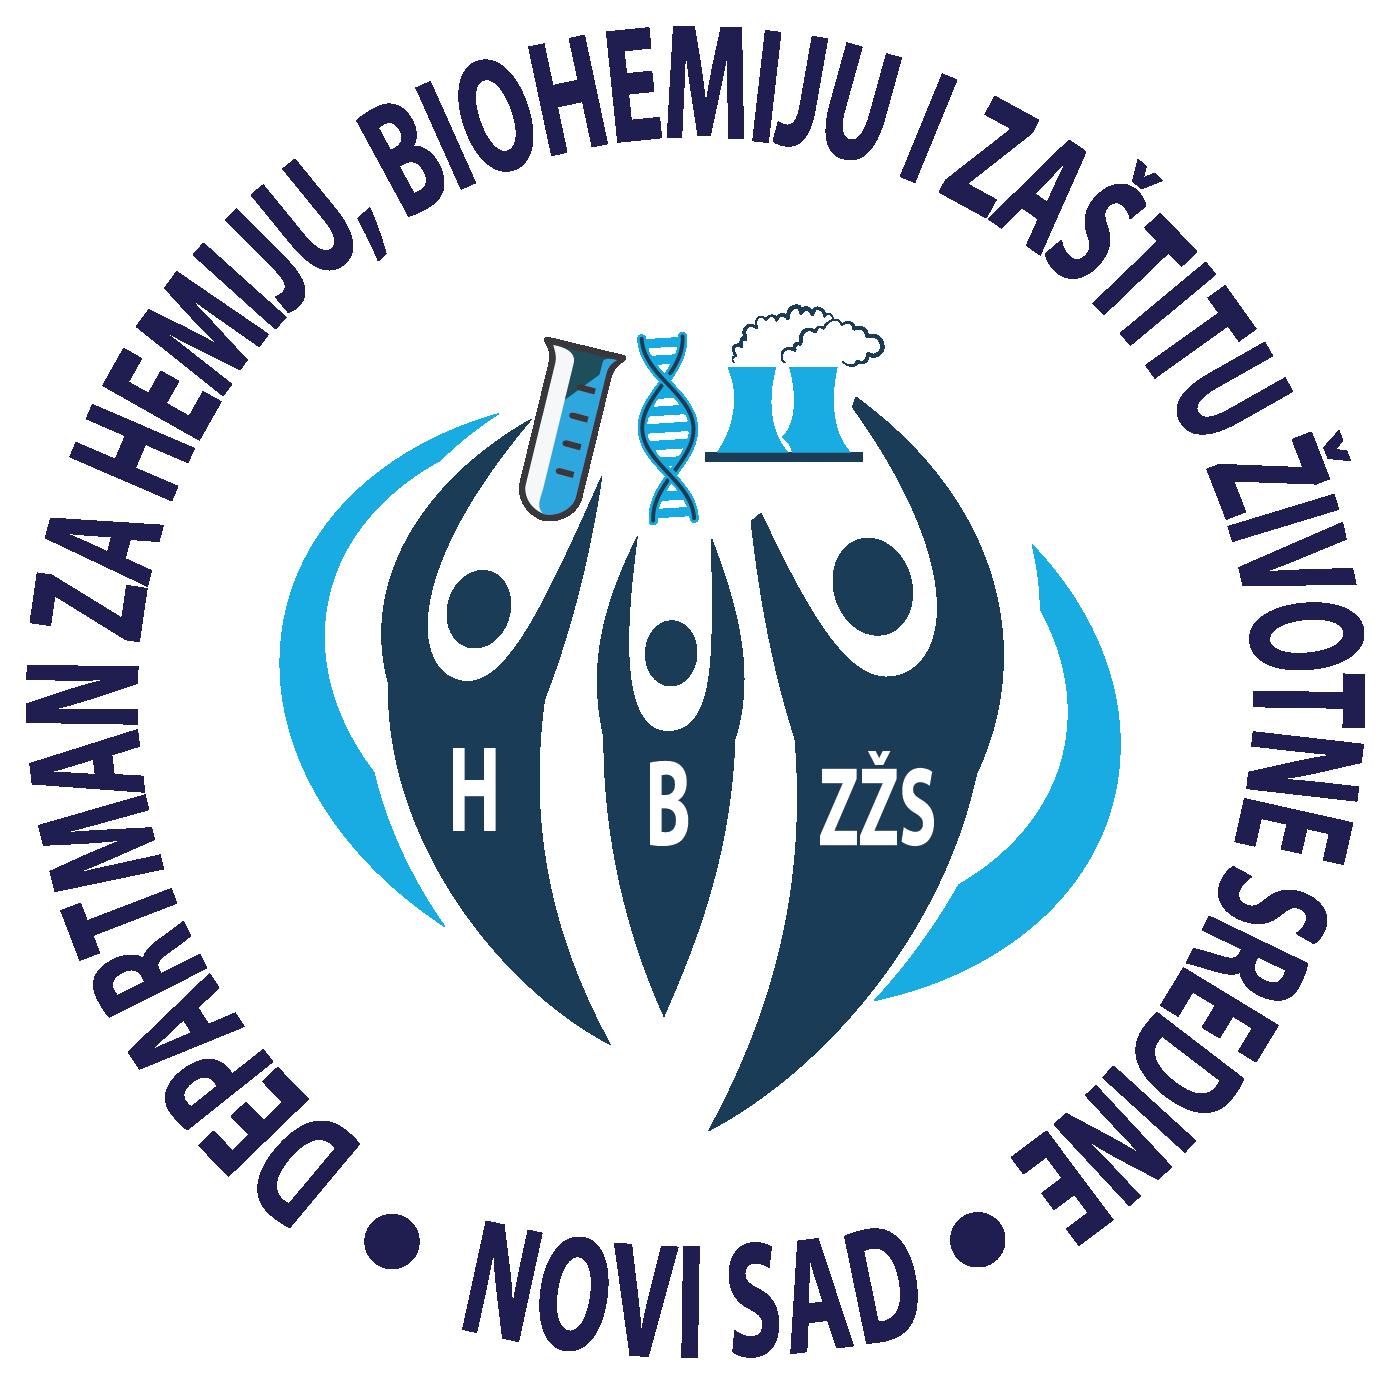 Hemija, biohemija i zaštita životne sredine